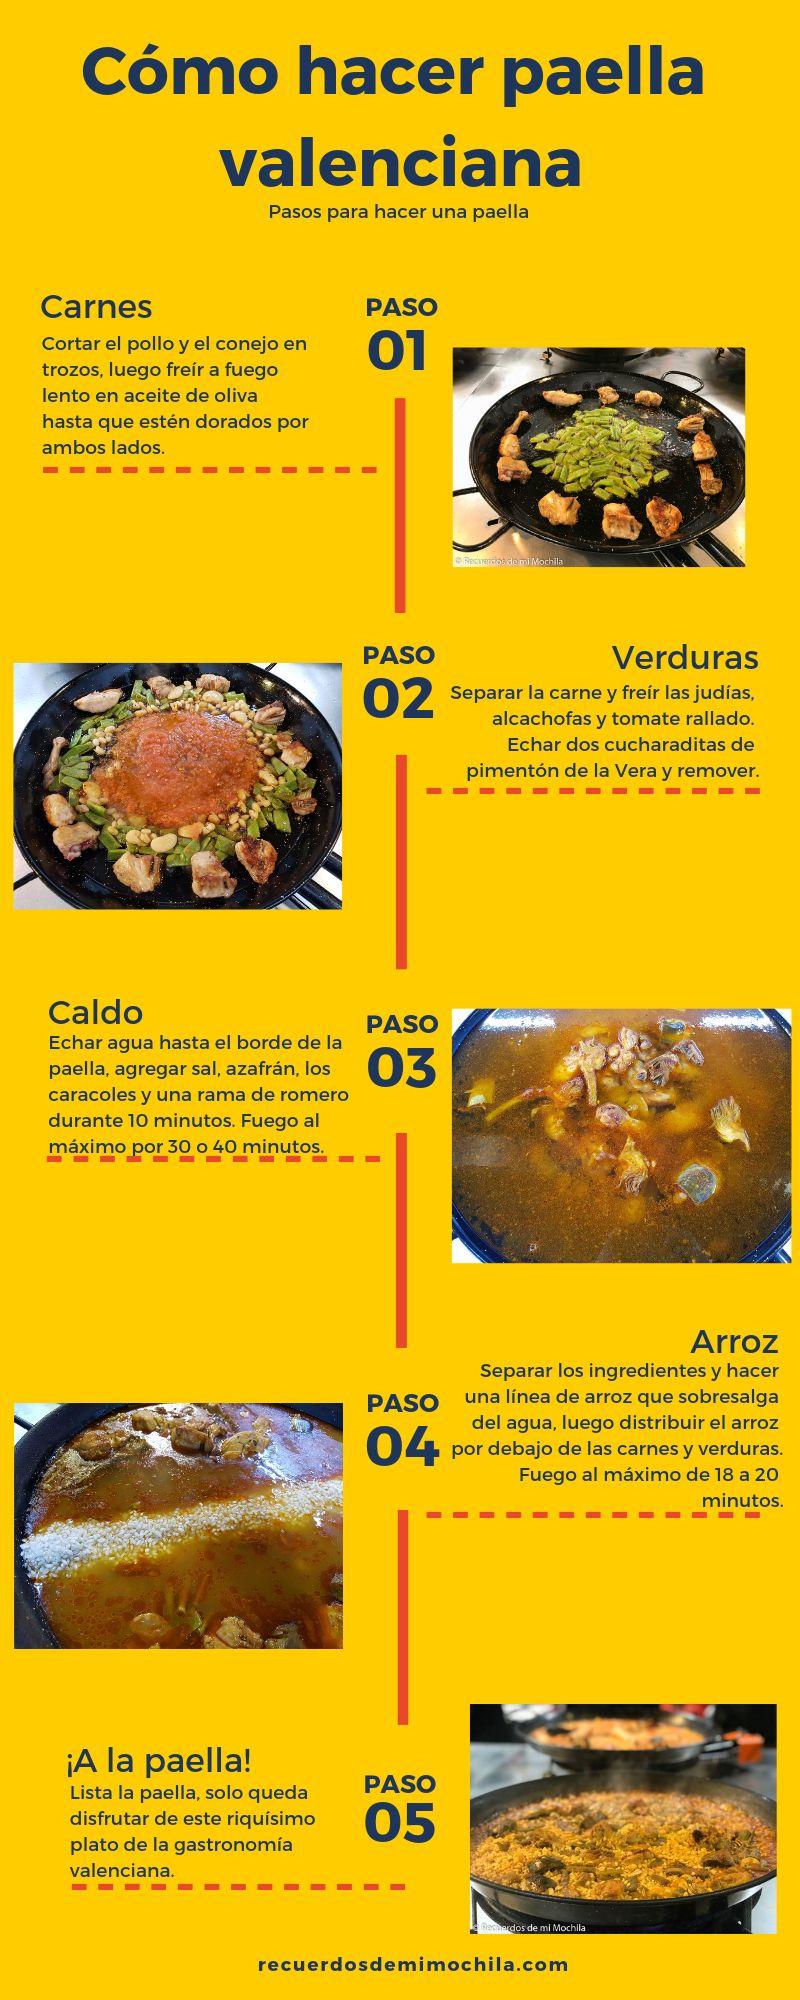 Cómo hacer paella valenciana